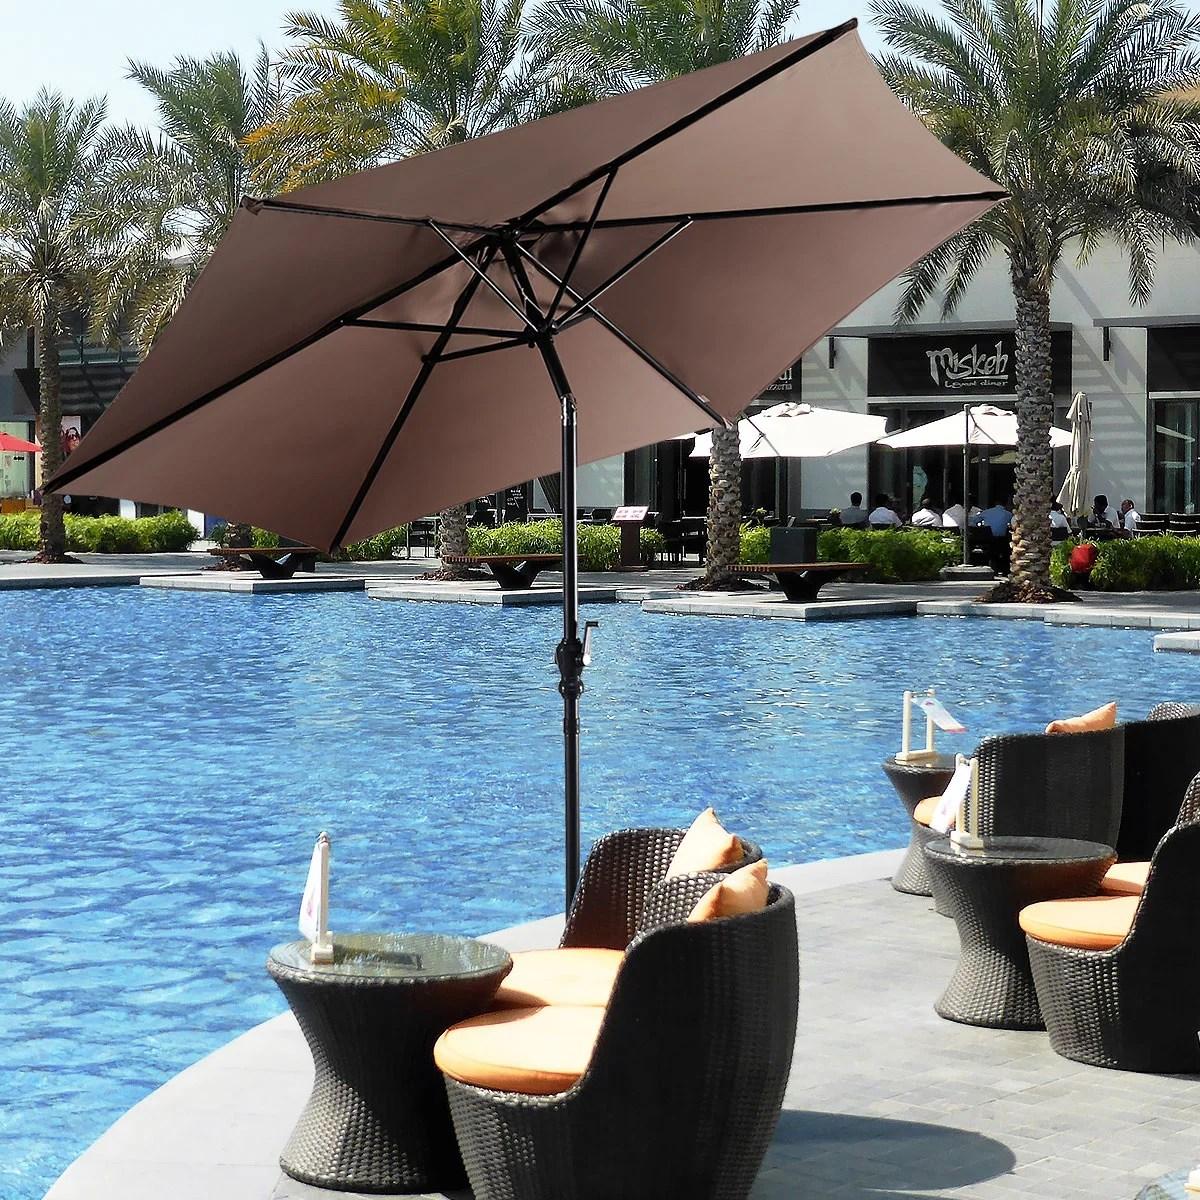 costway 9ft patio umbrella patio market steel tilt w crank outdoor yard garden tan walmart com